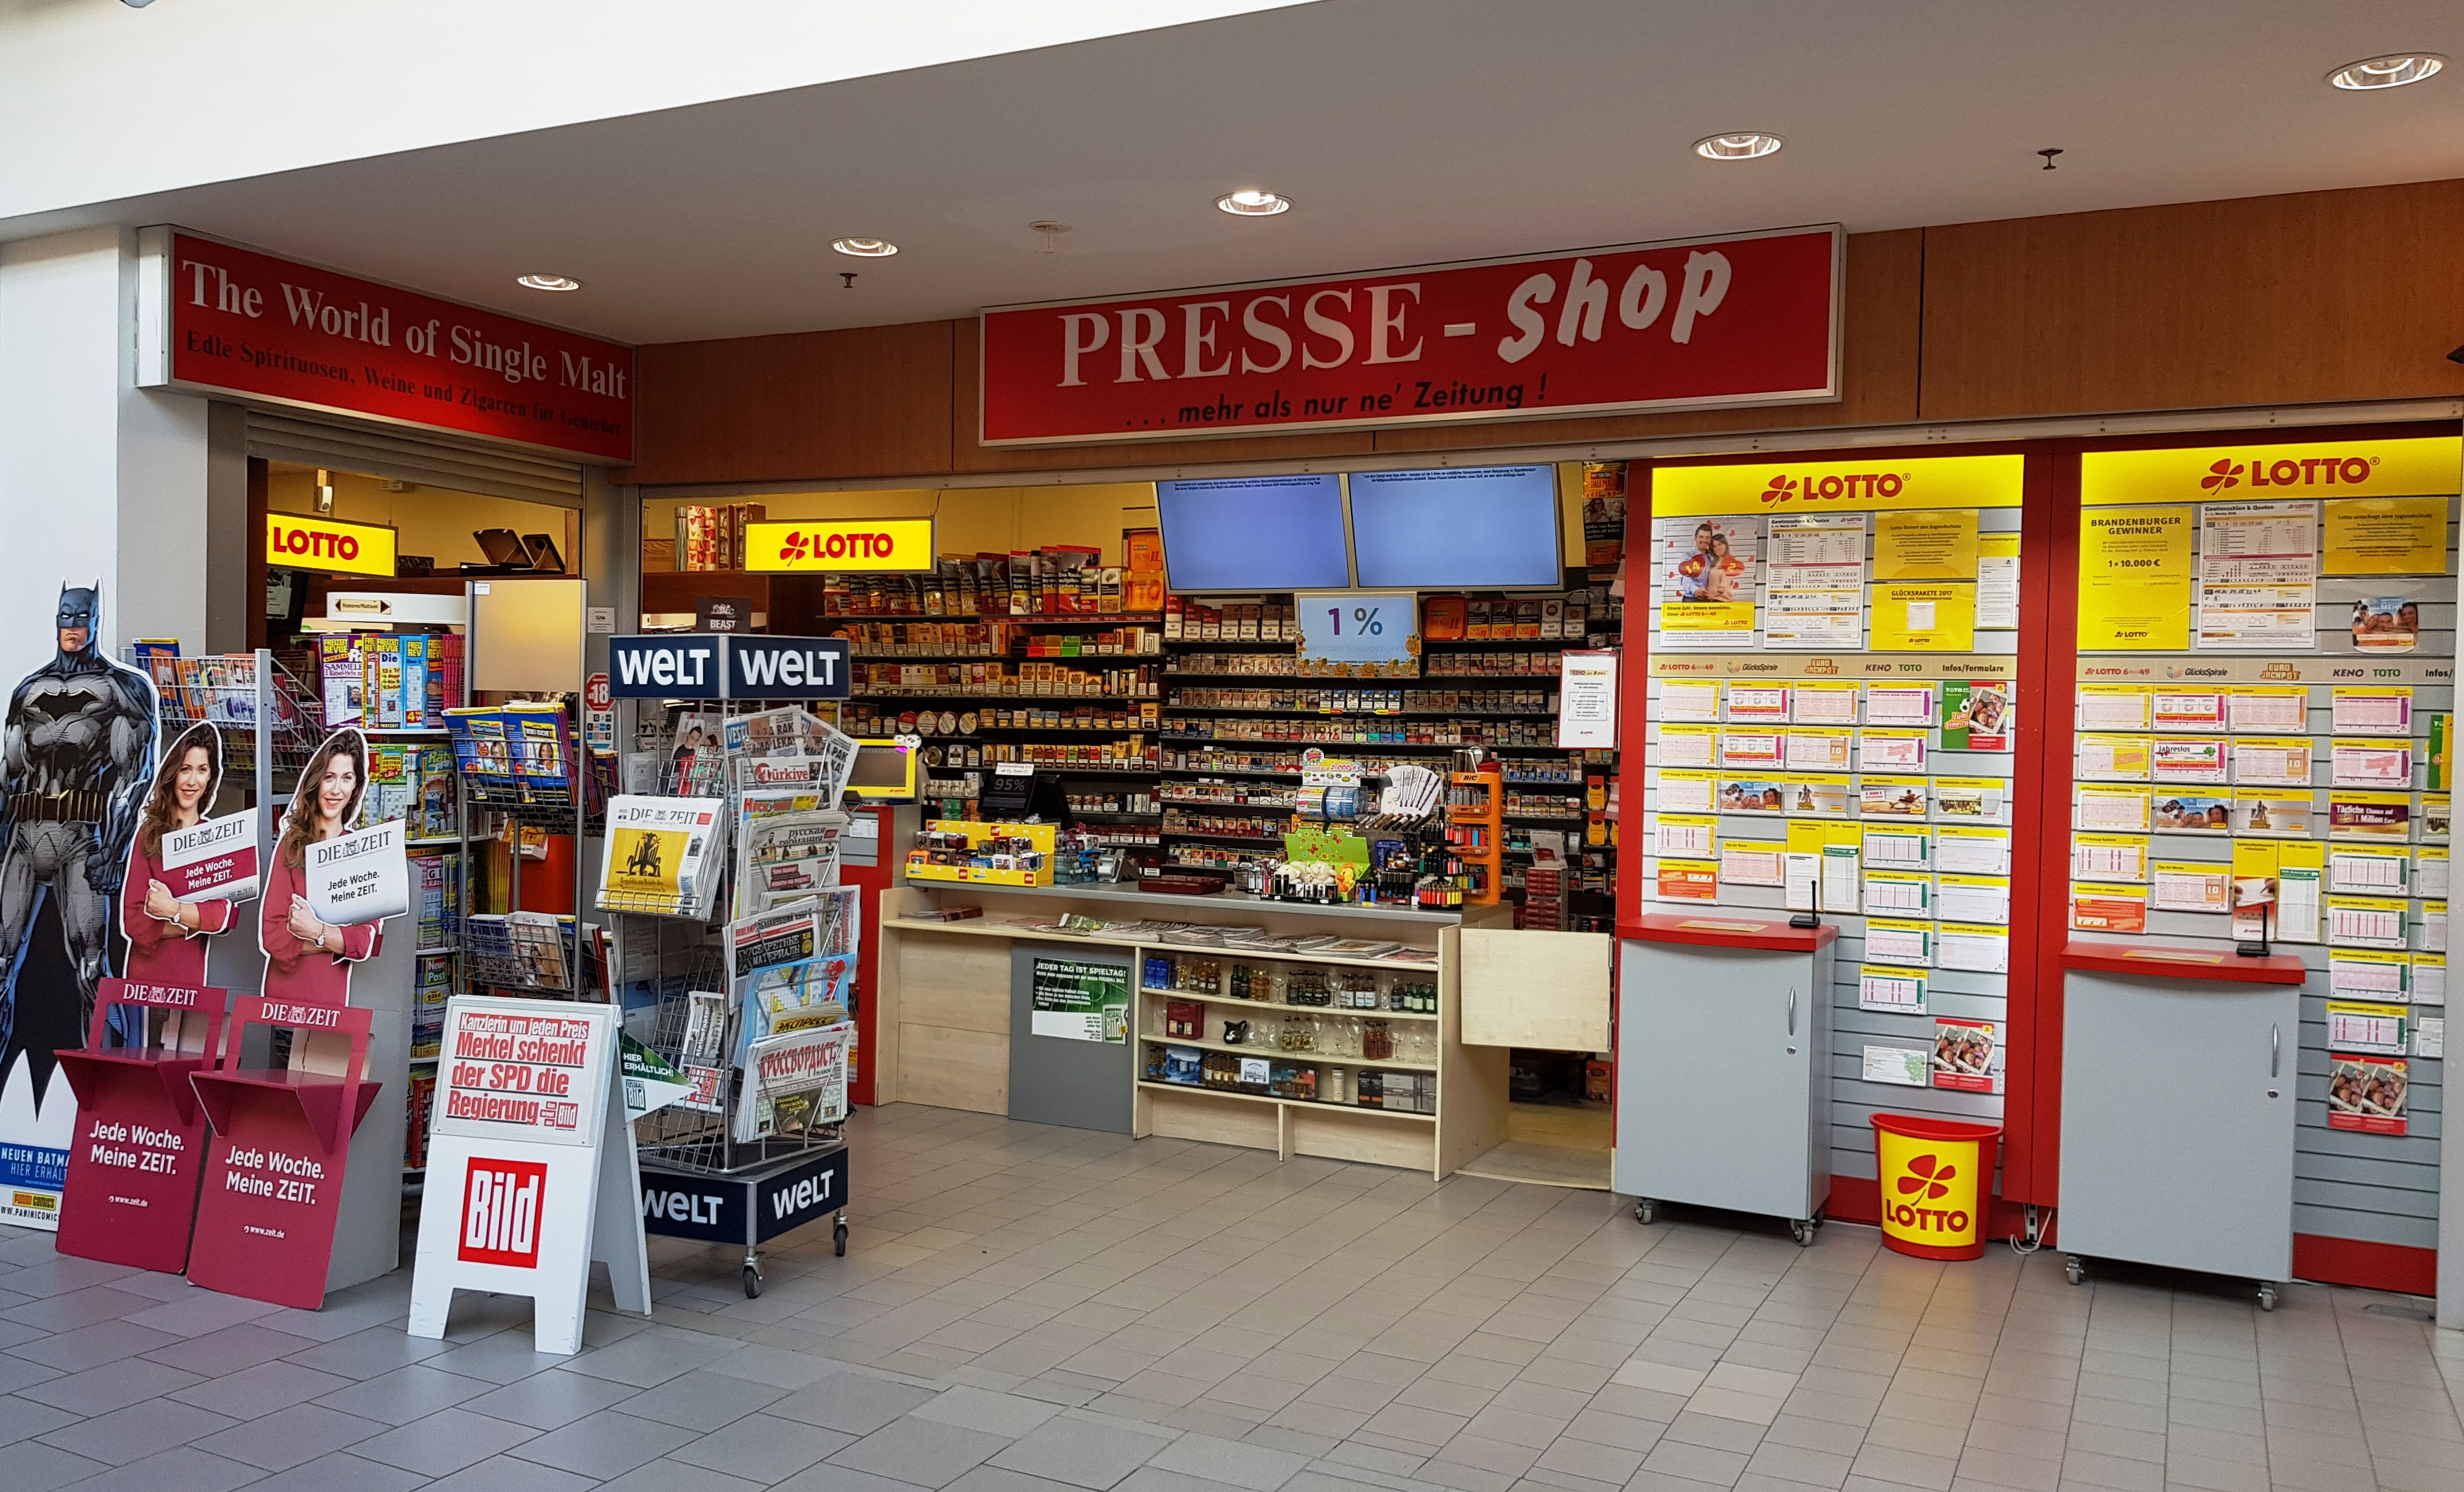 Presseshop